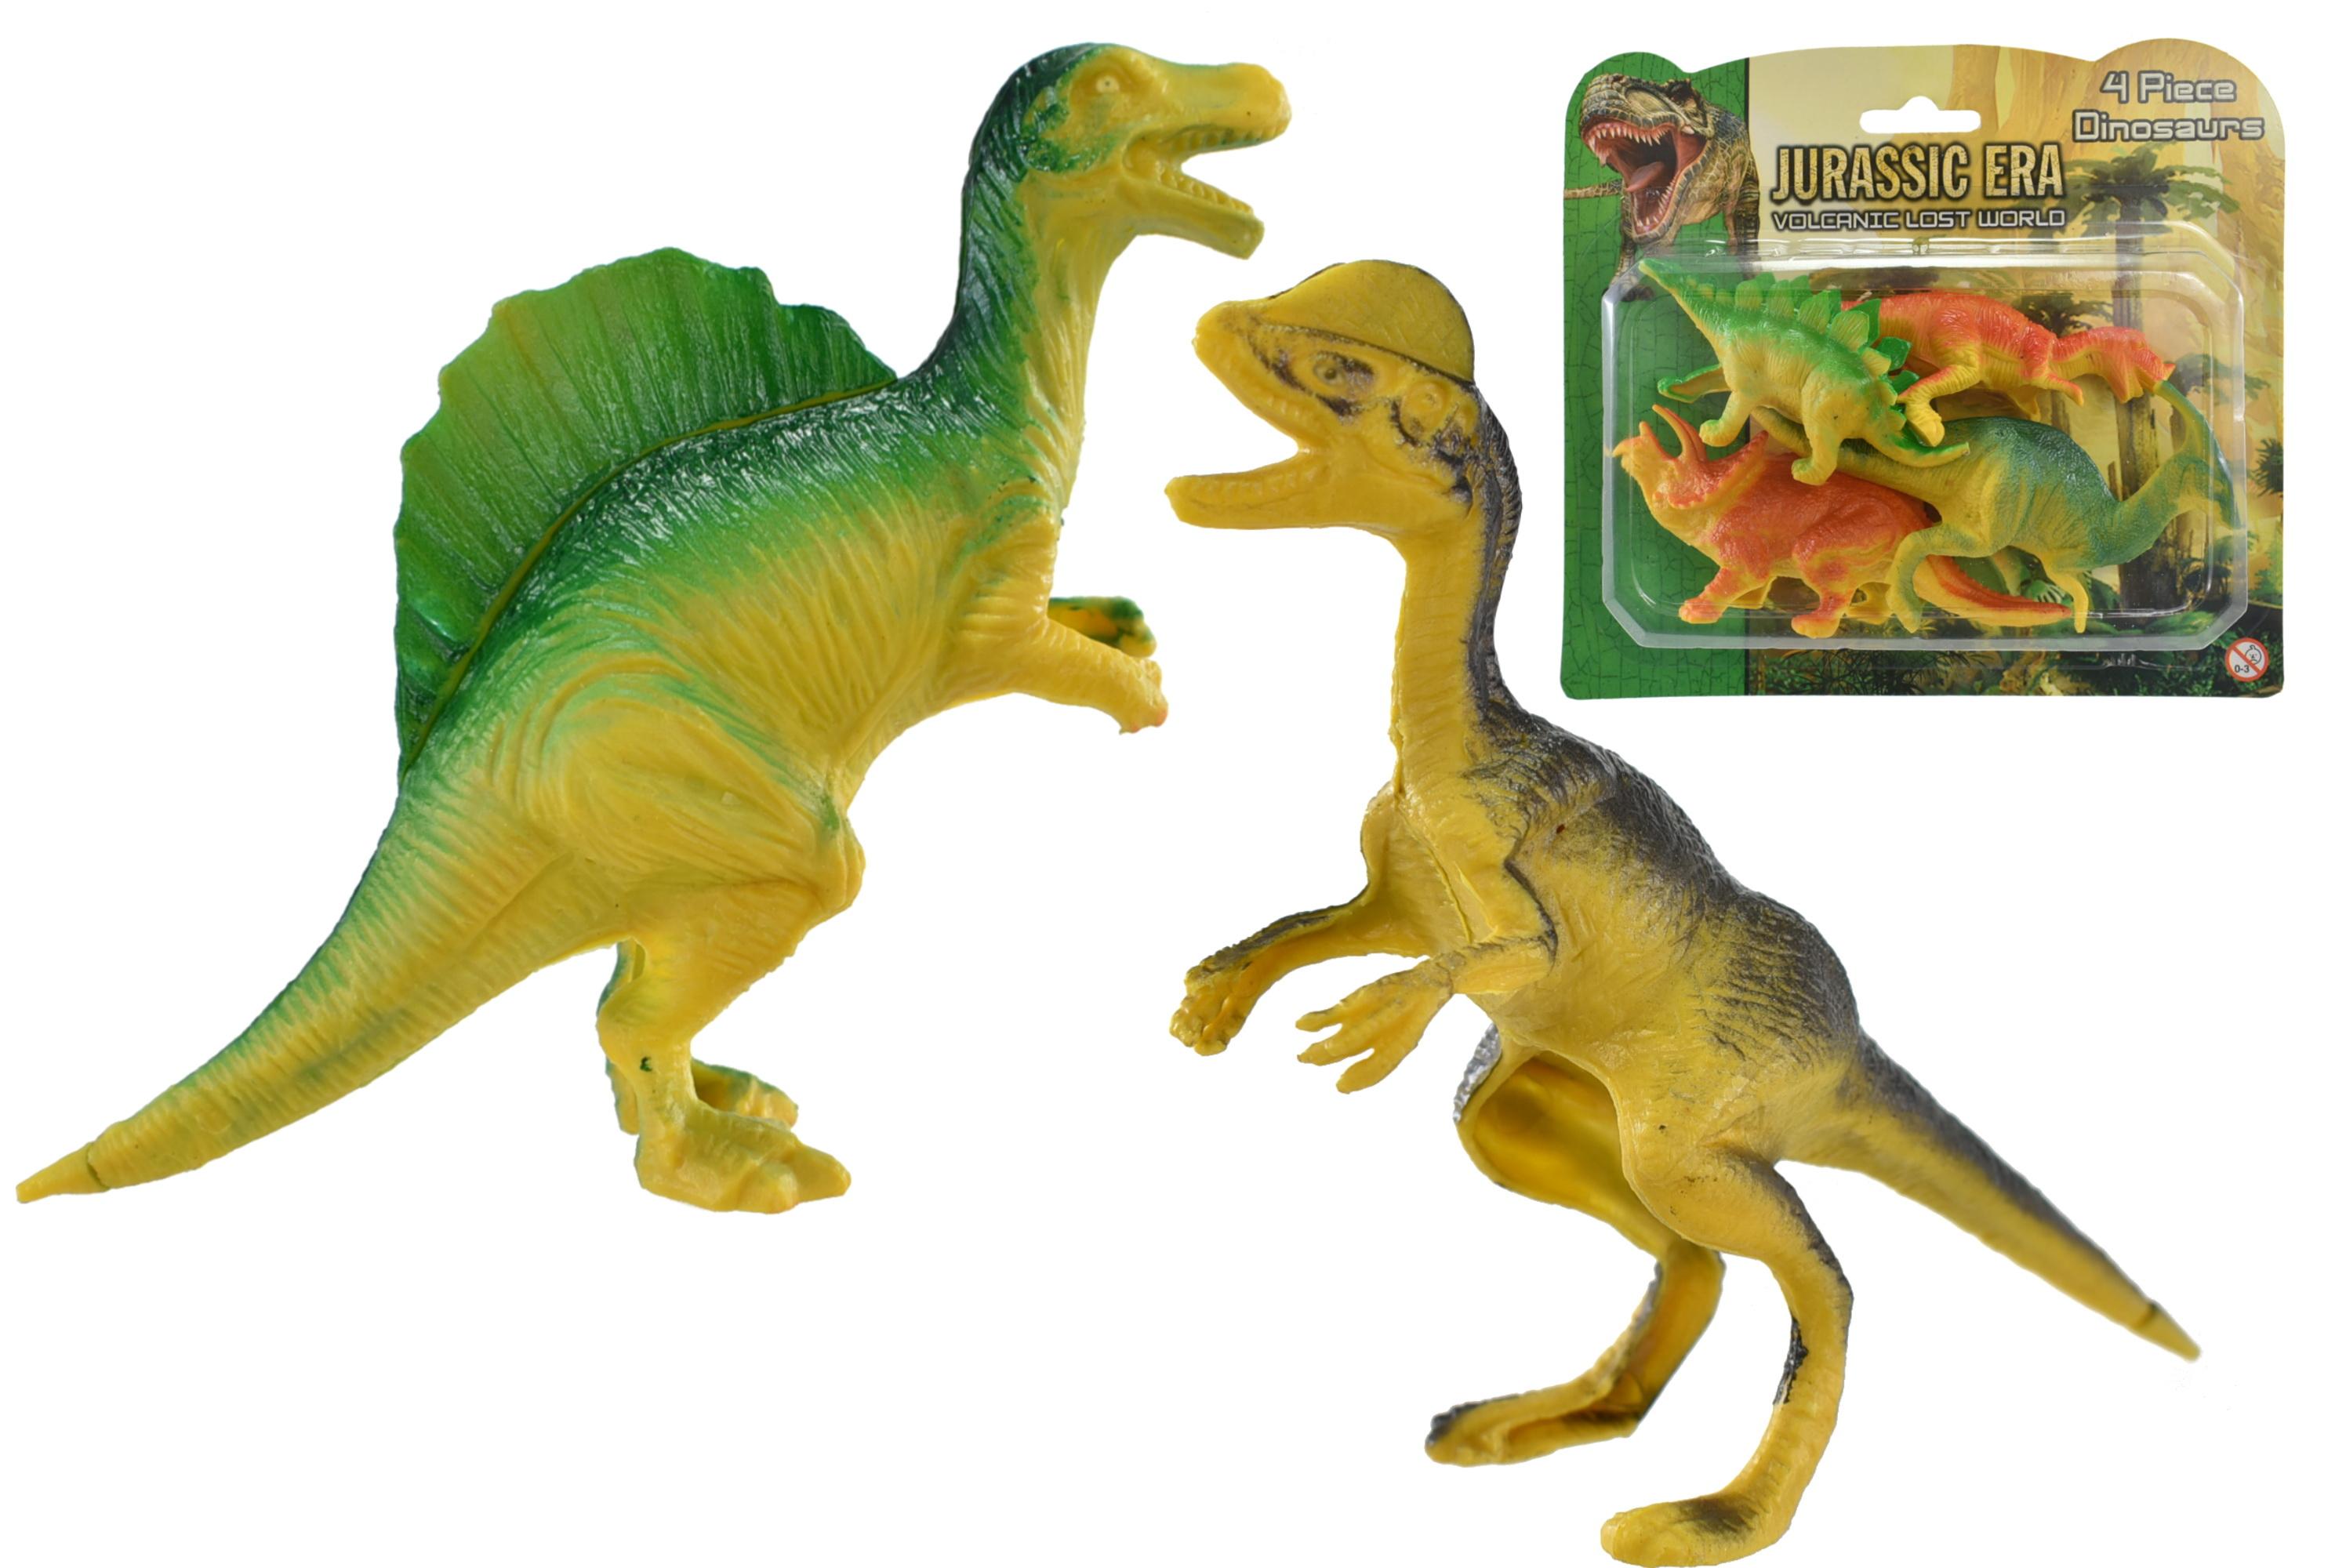 Dinosaur Playsets (3 Assorted) Blistercard